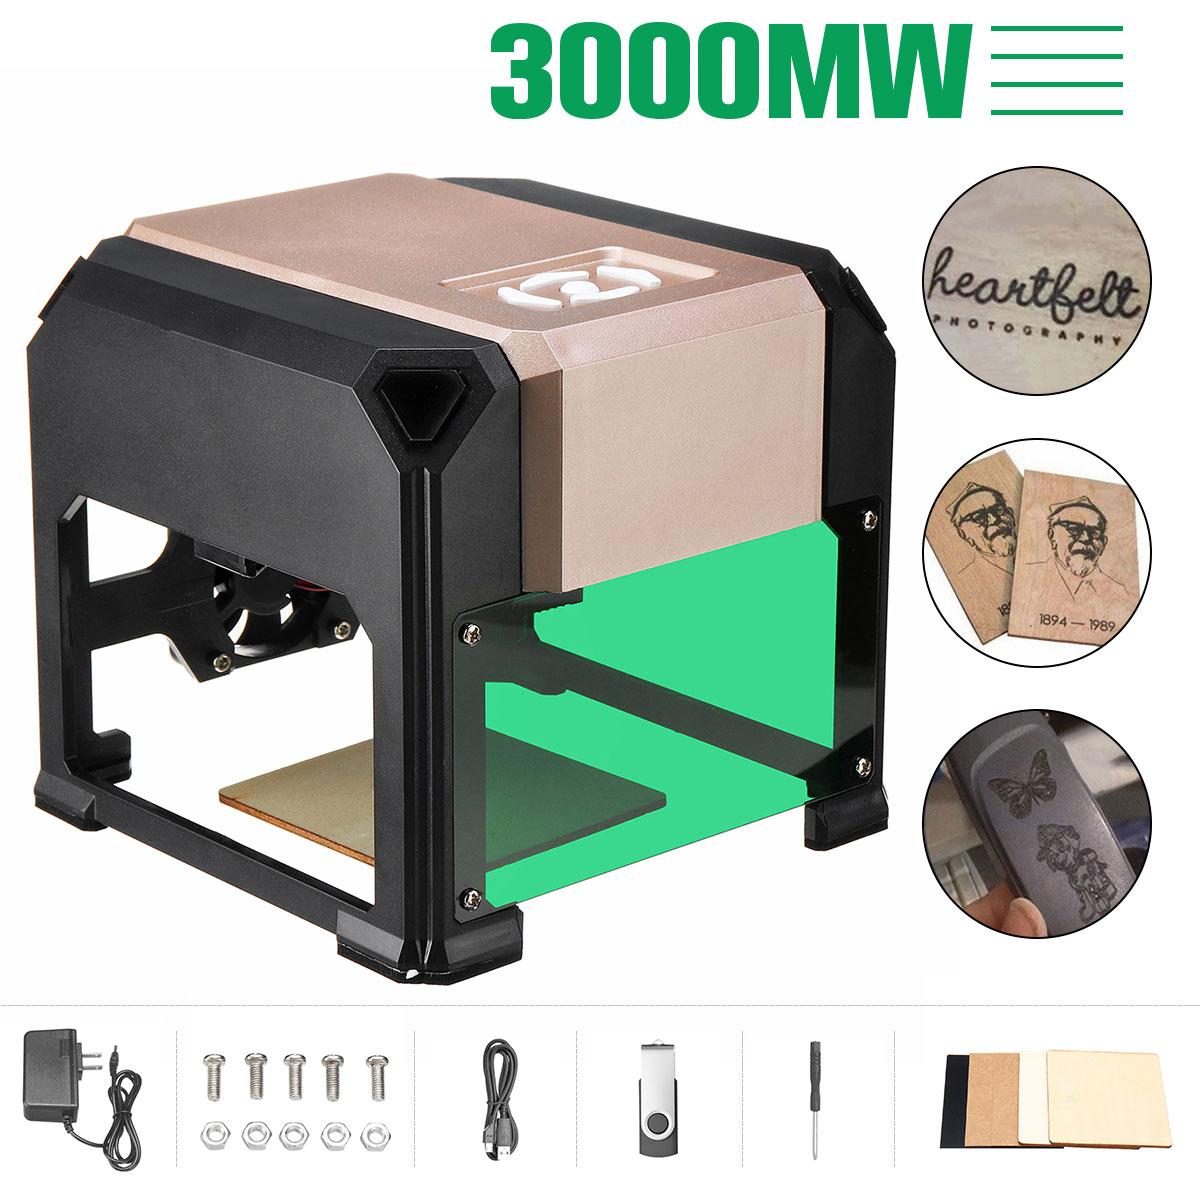 3000mW USB Desktop Laser Engraver Machine DIY Logos Mark Printer Cutter CNC Laser Carving Machine 80x80mm Engraving Ranges